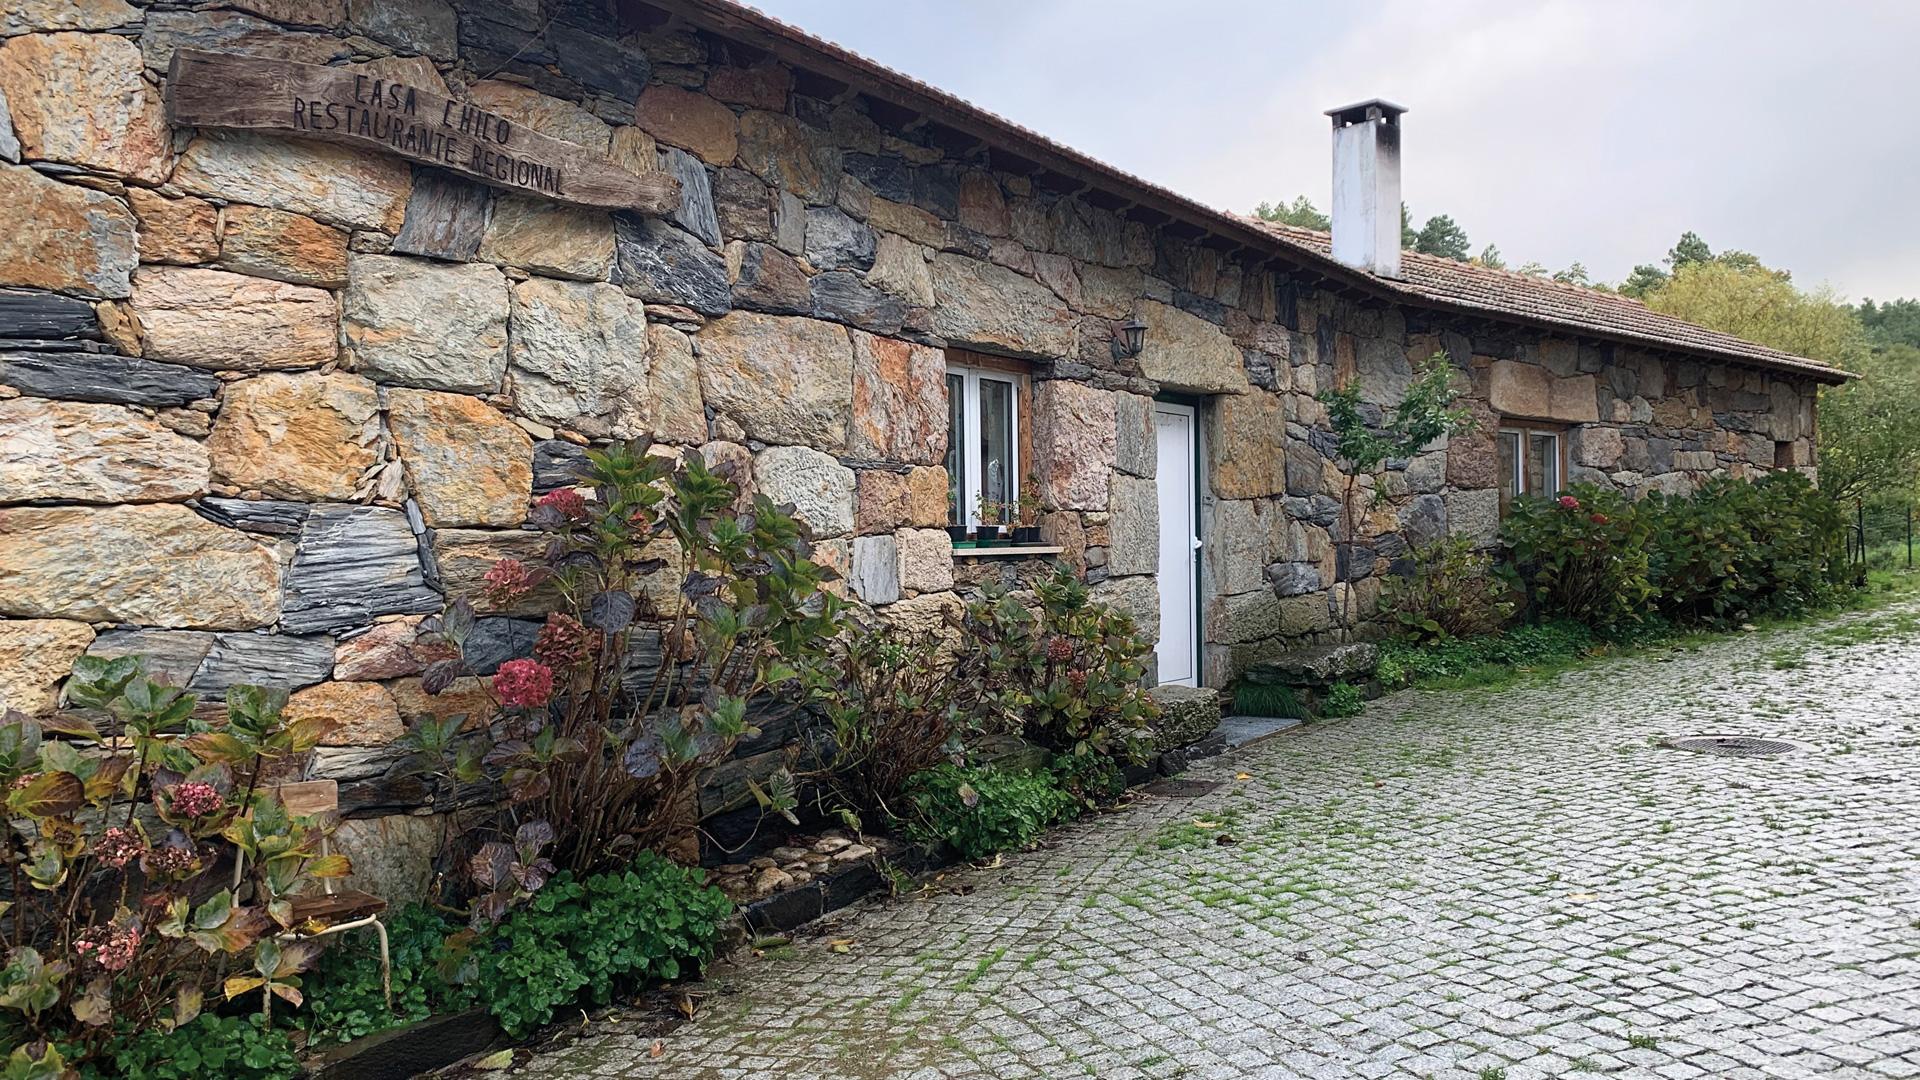 Entrada da Casa Chico, um edifício em pedra típica da região.